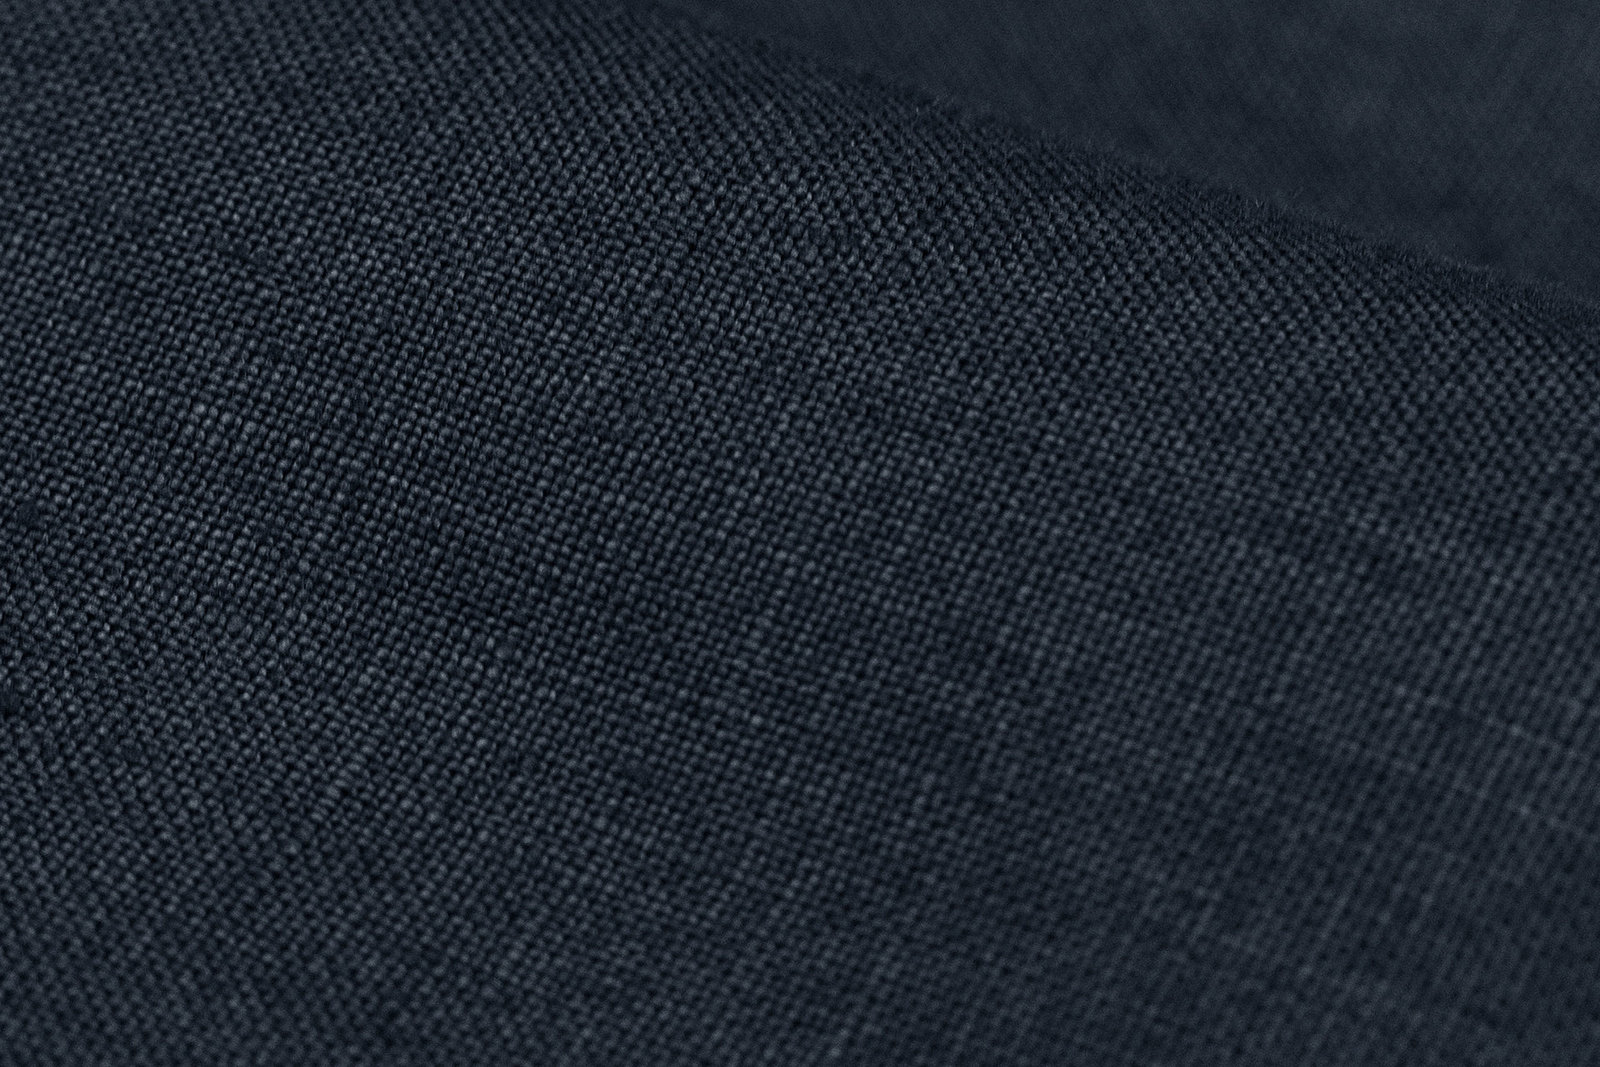 shirt-granddad-linen-suiting-dark-navy-6@2x.jpg